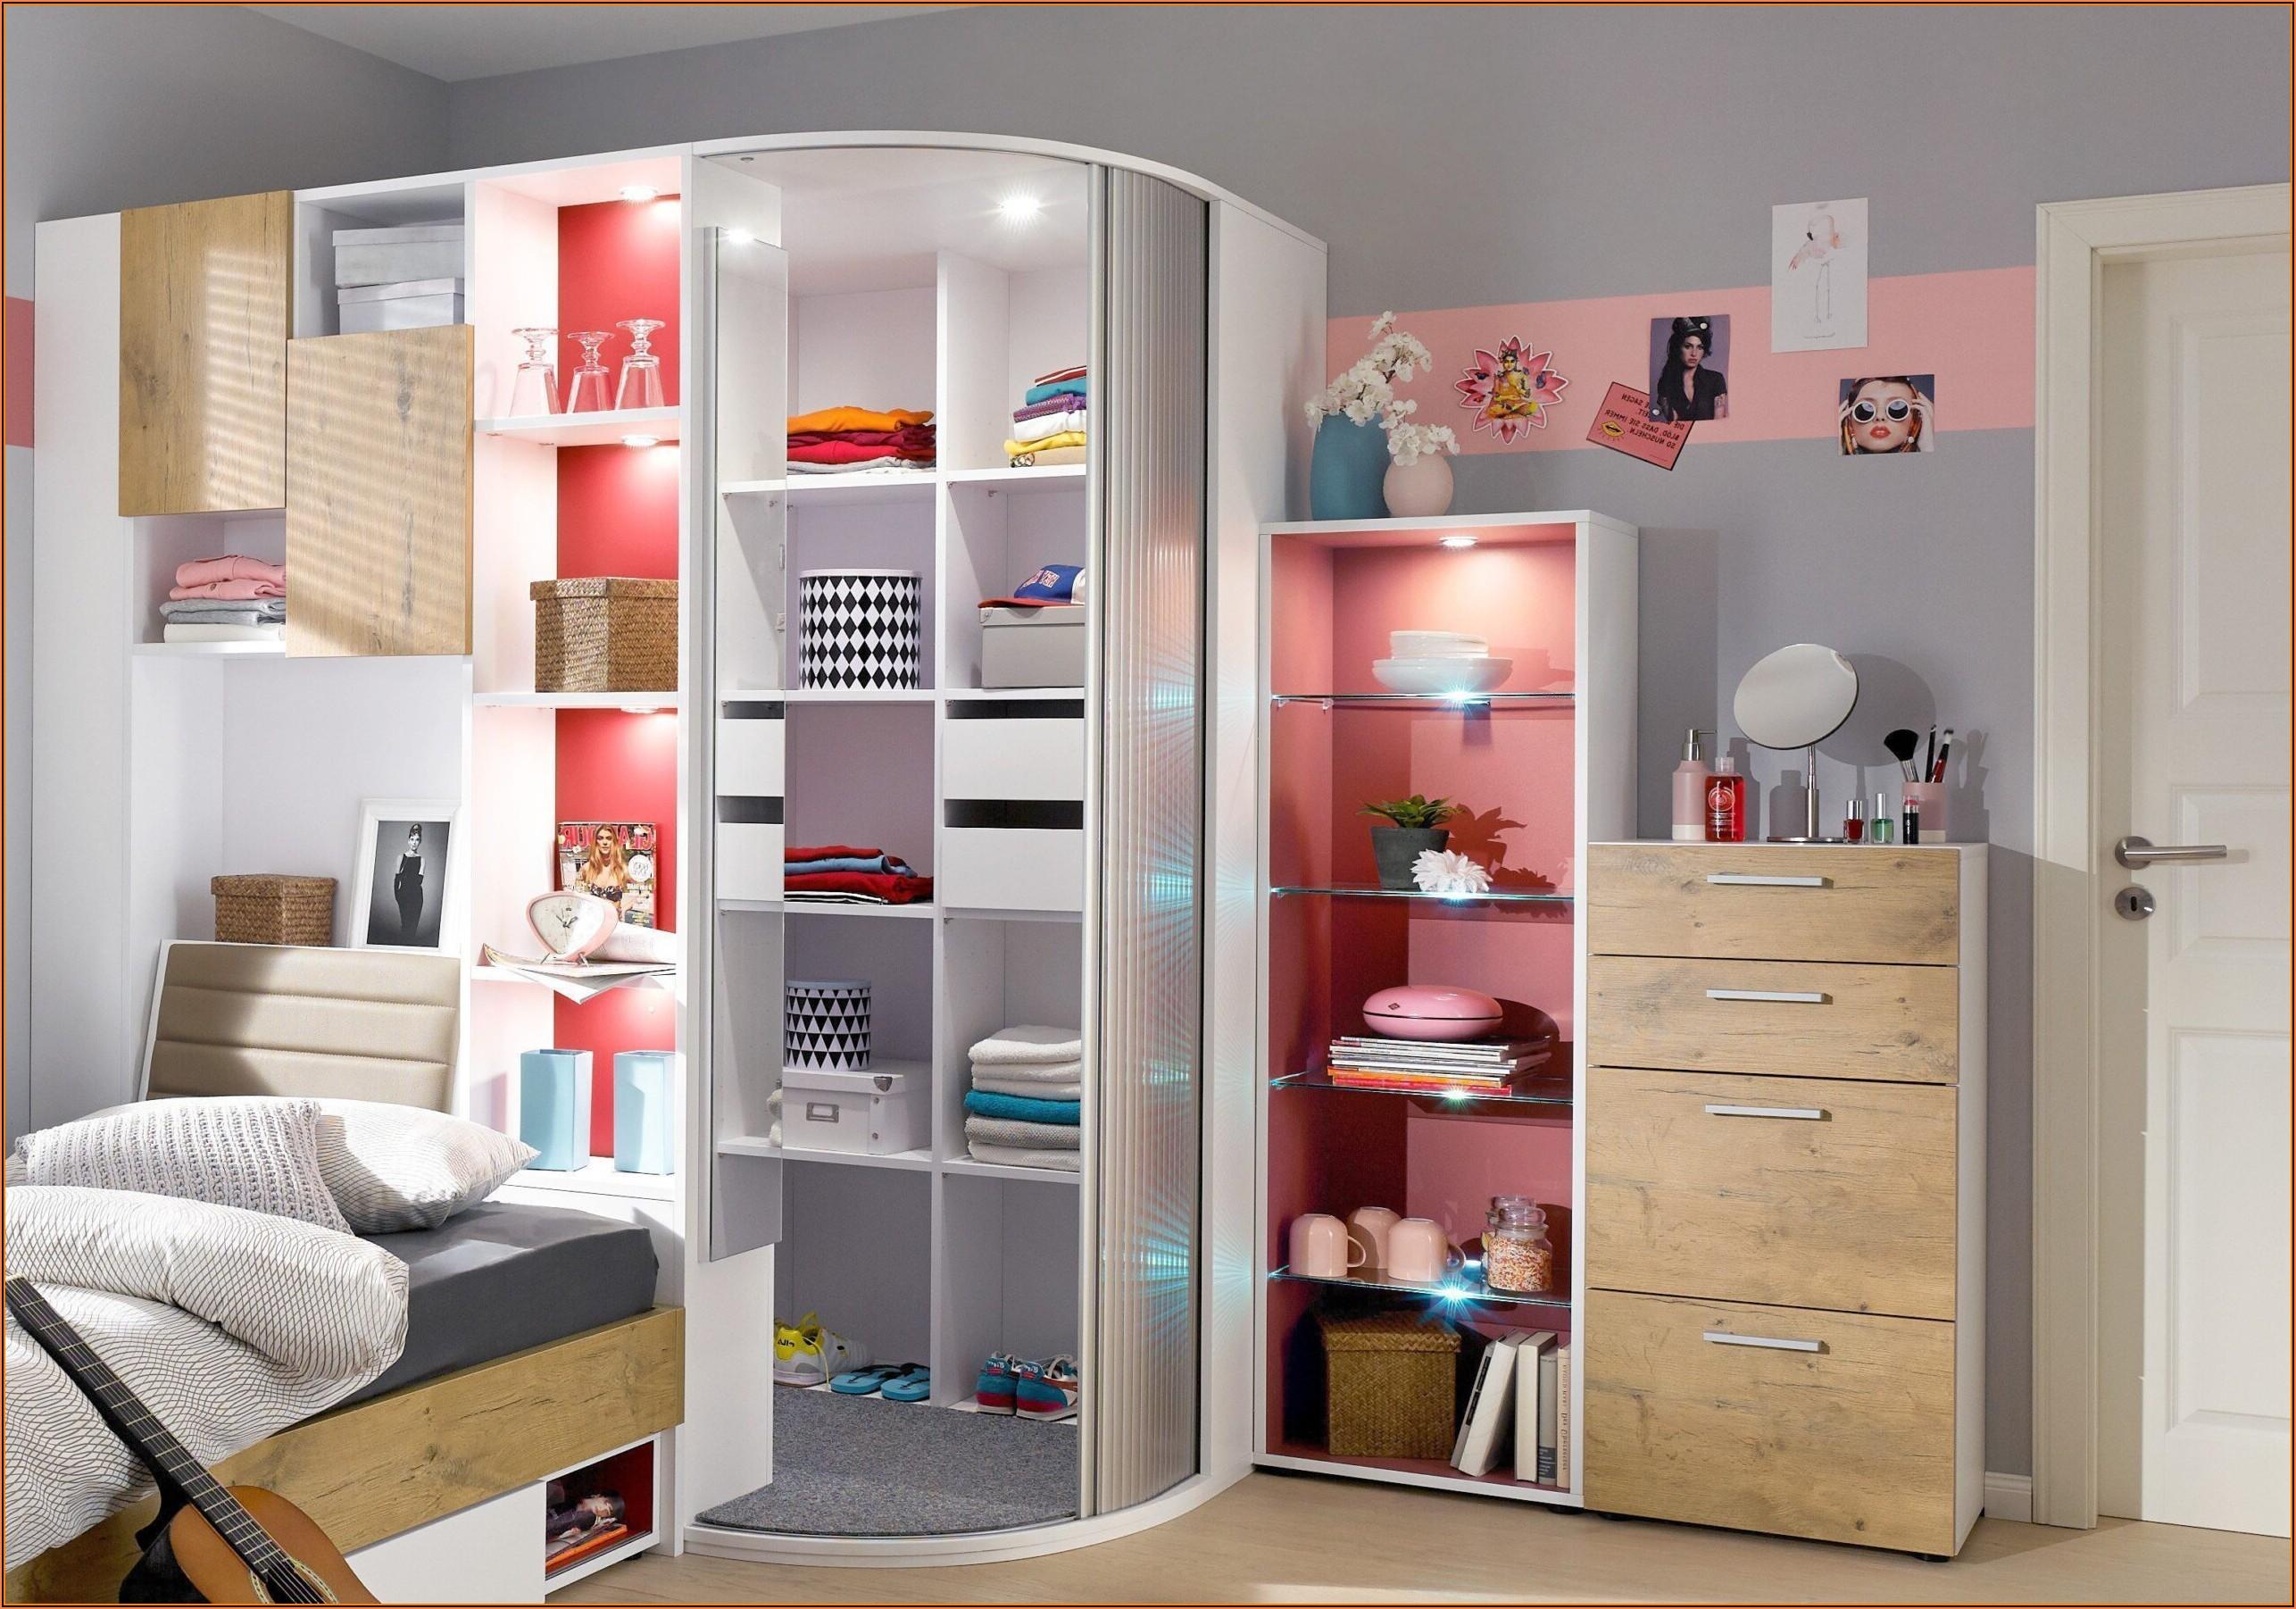 Kinderzimmer Komplett Mit Eckkleiderschrank